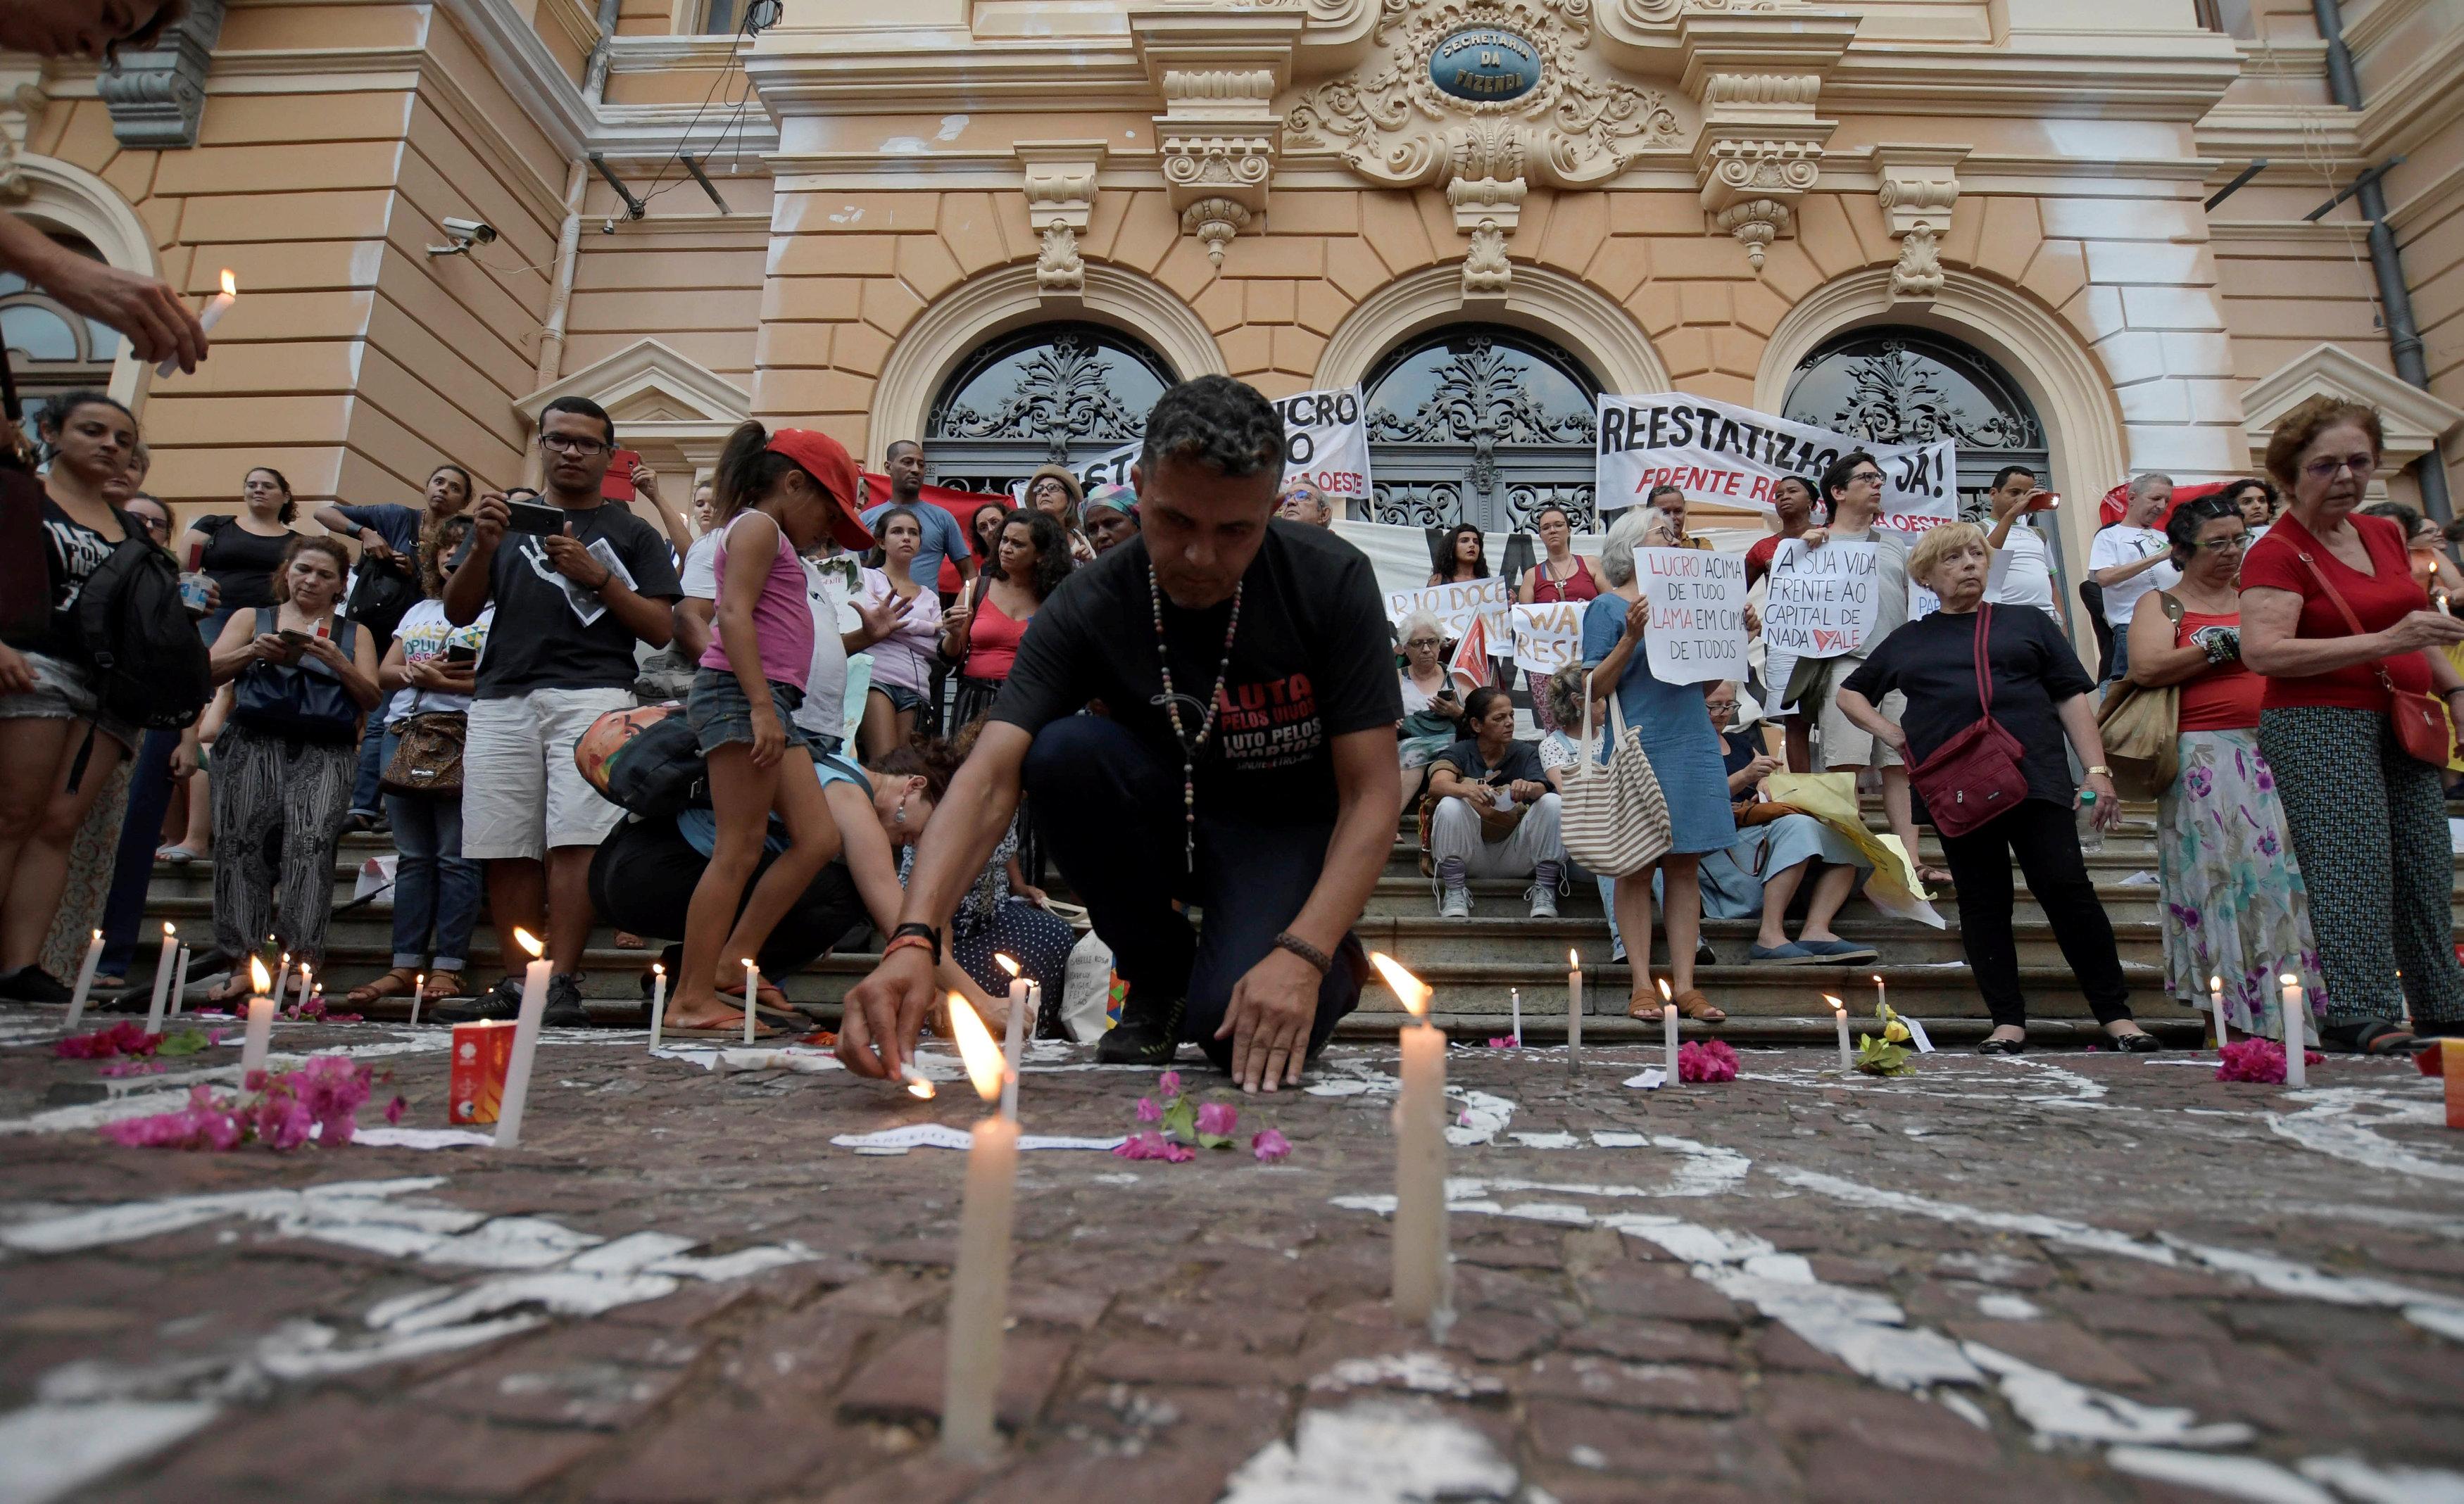 متظاهرون يحملون اللافتات ويضعون الشموع لتكريم الضحايا